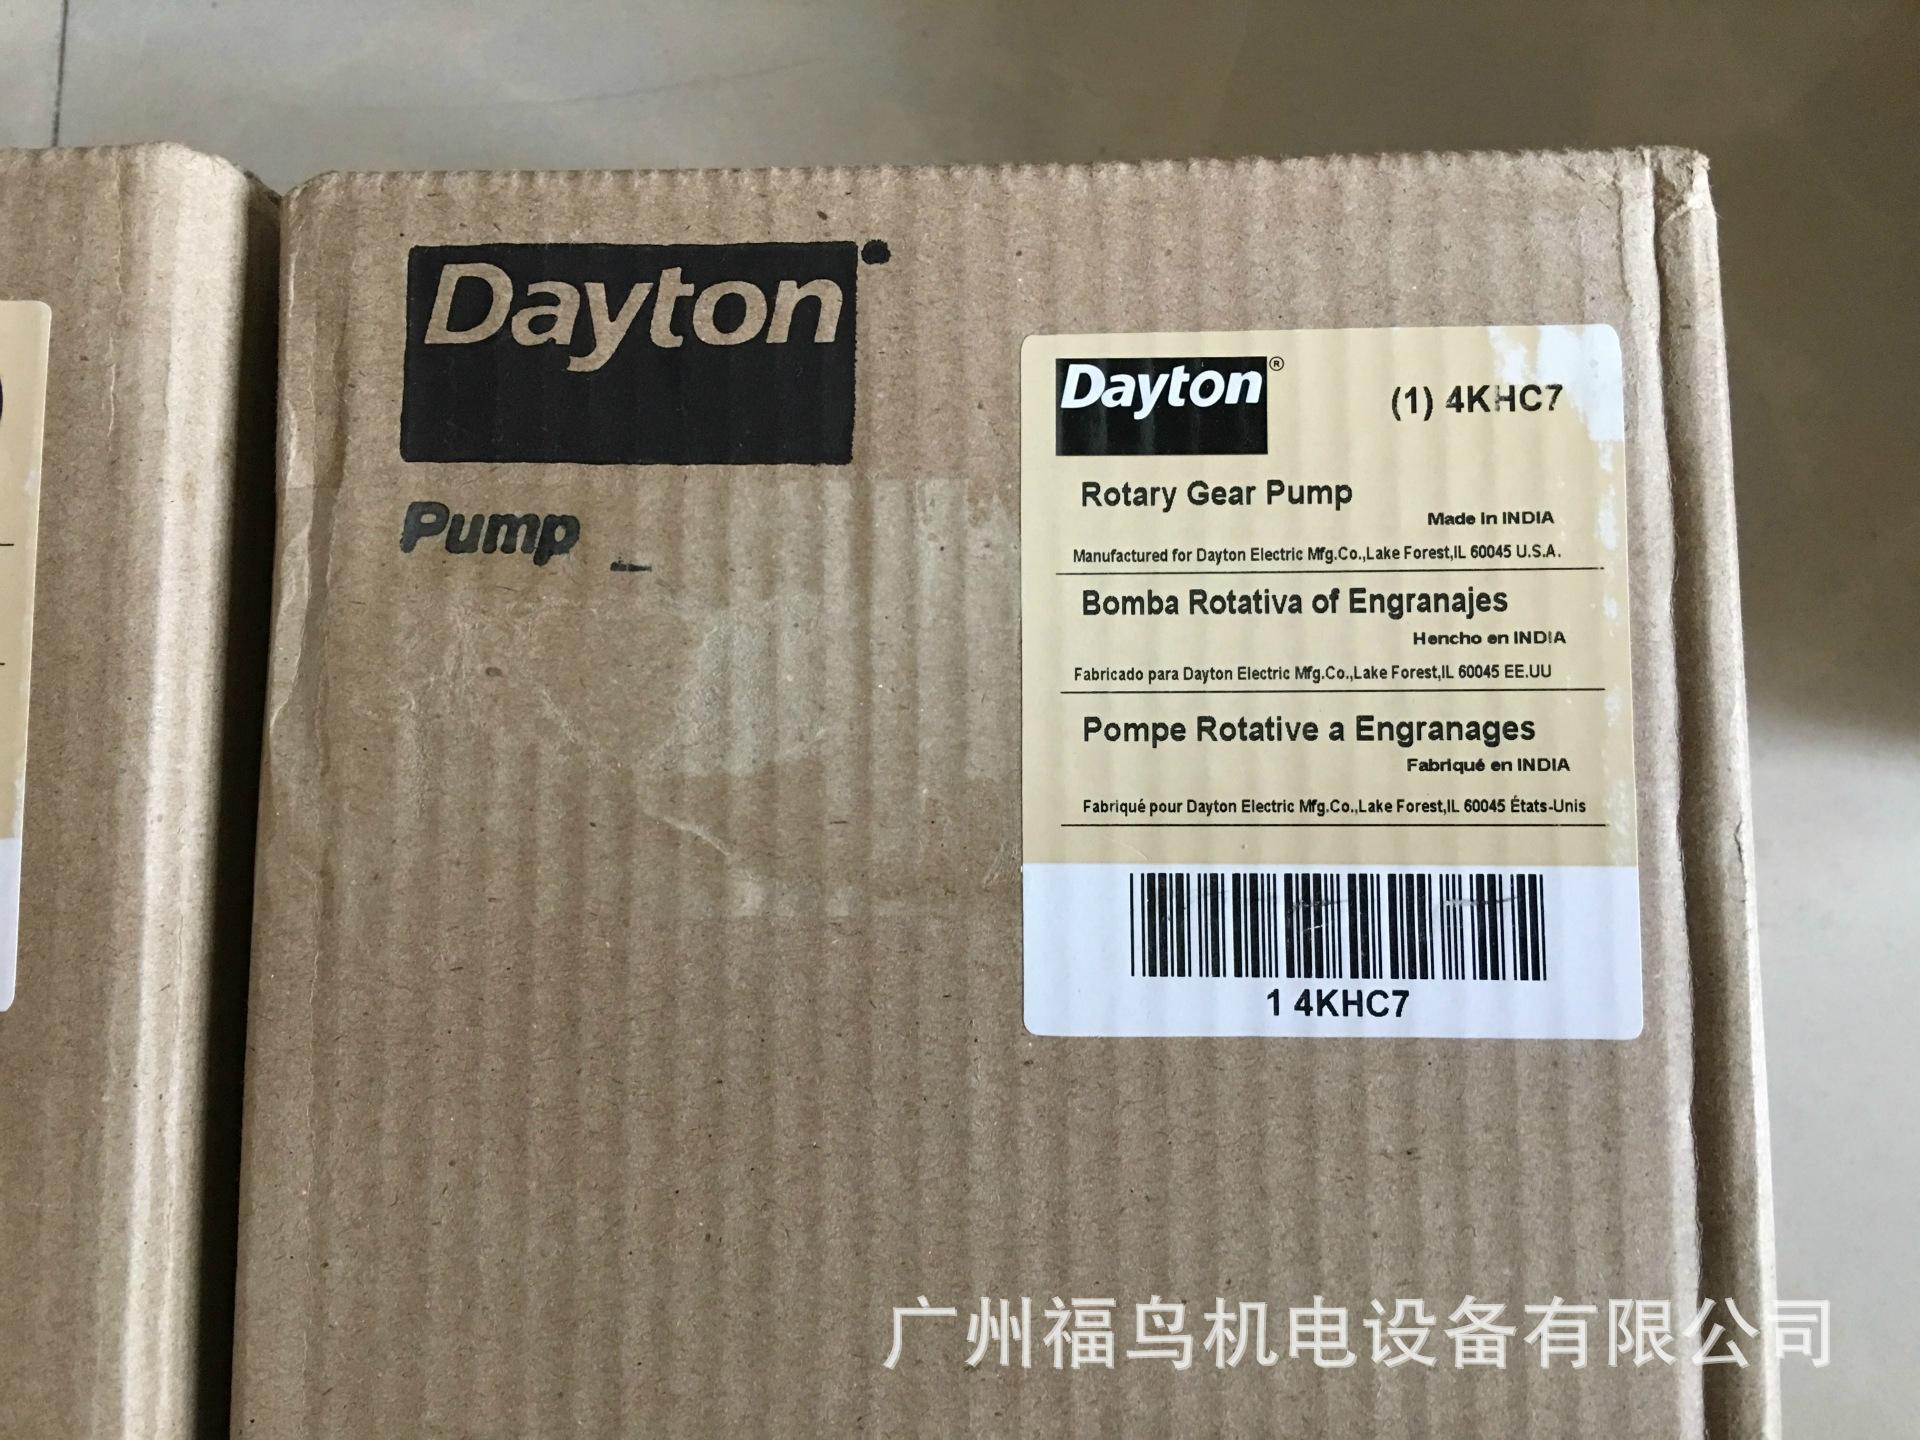 供应DAYTON齿轮泵(4KHC7) 7